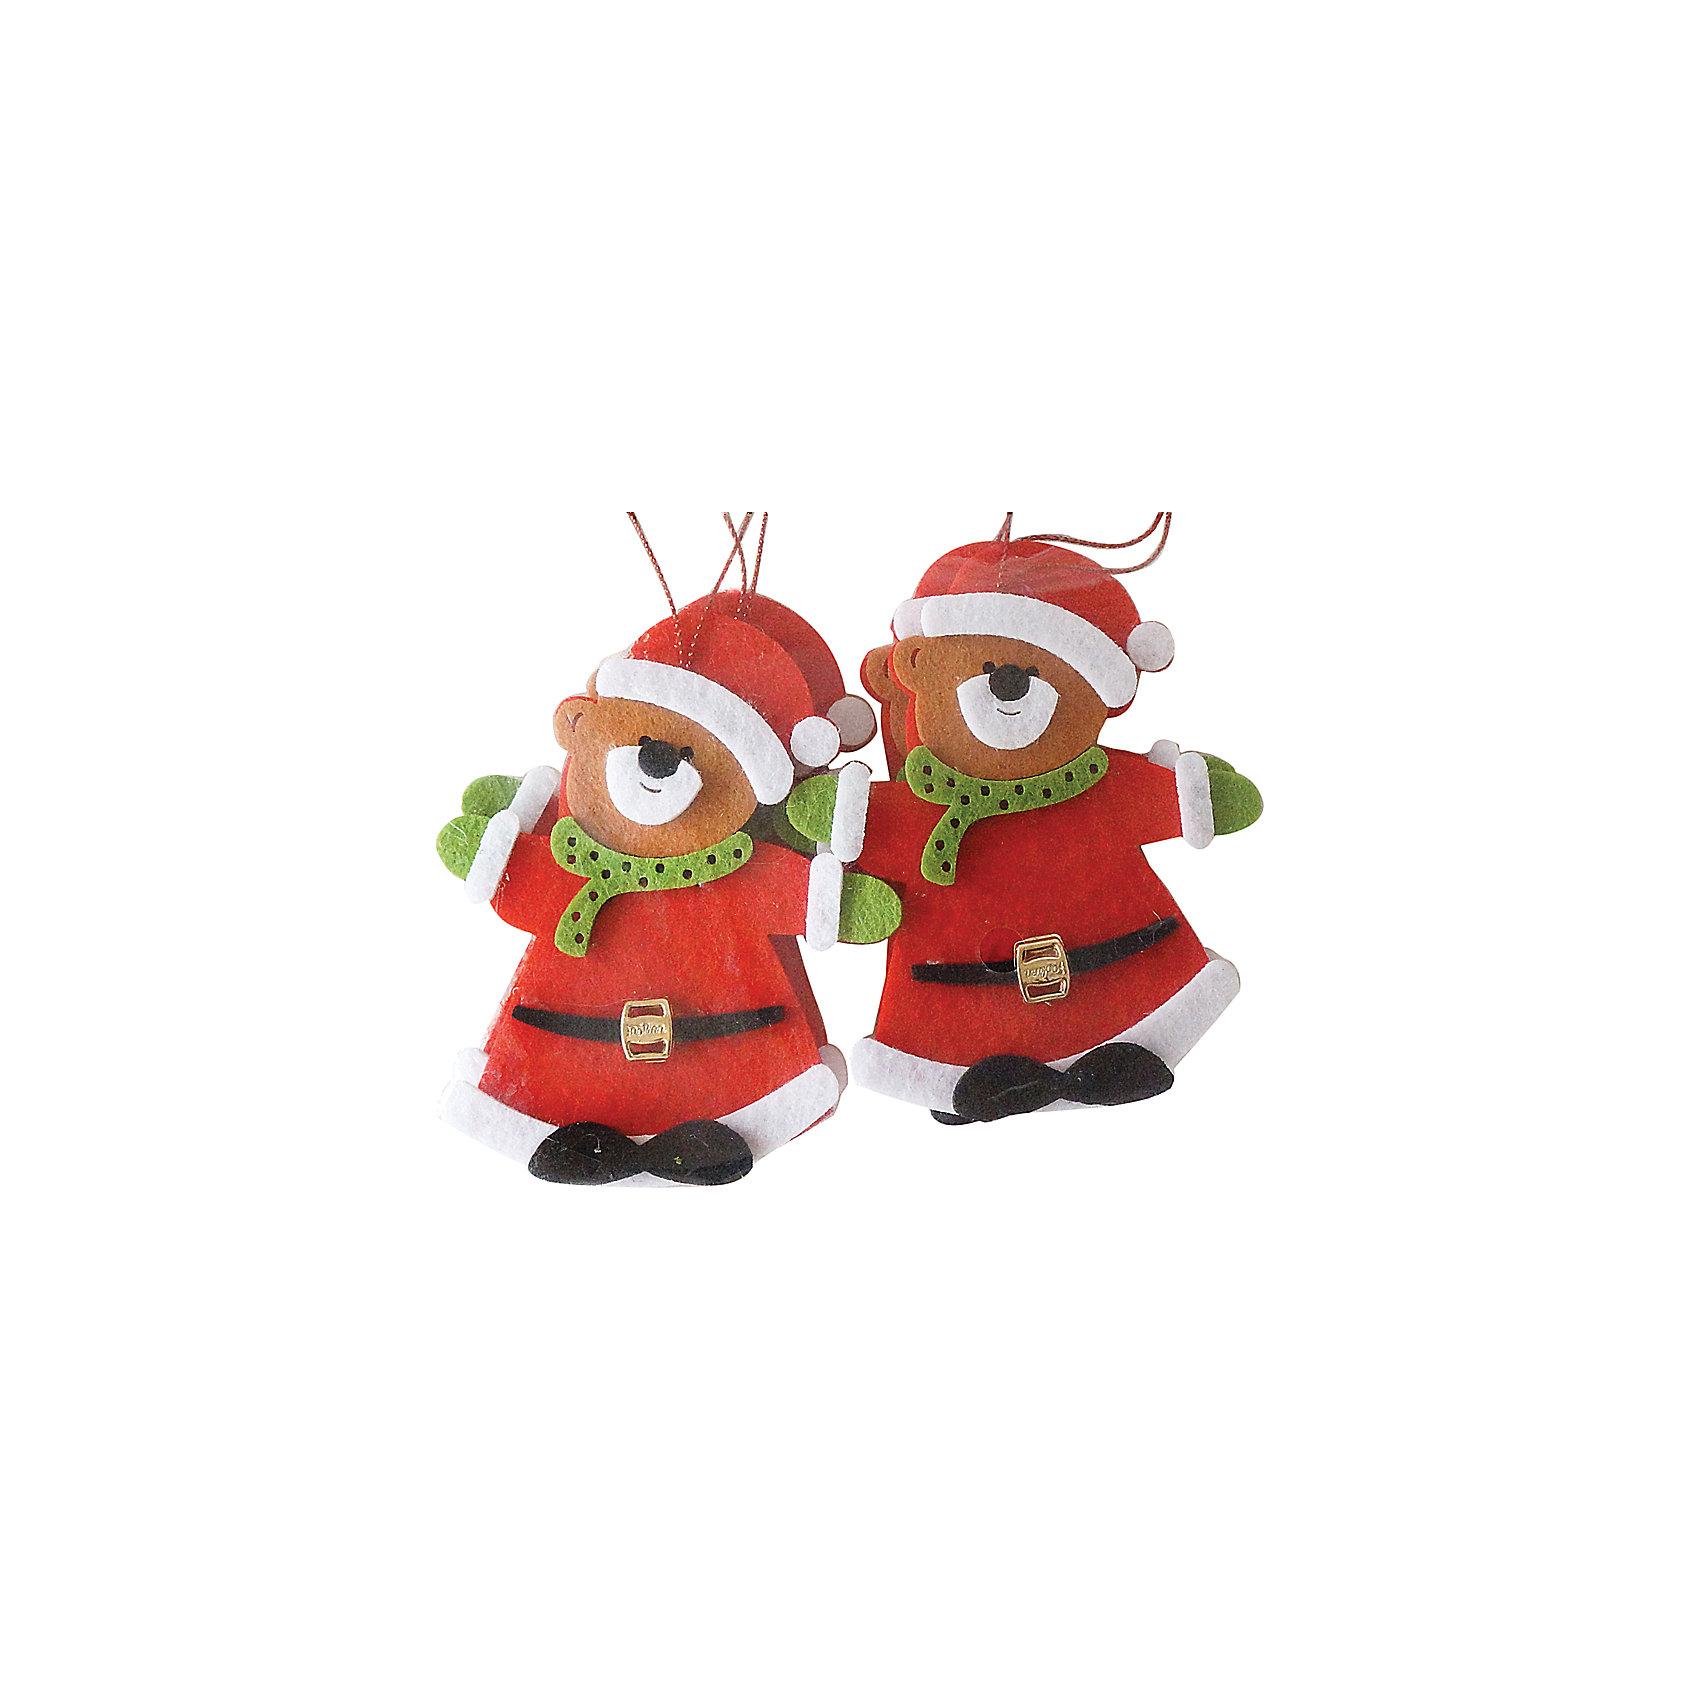 Набор подвесок Мишка 10 см, красныеНабор подвесок  красного цвета Мишки  украсит ваш интерьер и придаст ему новогоднее настроение.Размер подвески 10 см.<br><br>Ширина мм: 155<br>Глубина мм: 170<br>Высота мм: 10<br>Вес г: 20<br>Возраст от месяцев: 36<br>Возраст до месяцев: 420<br>Пол: Унисекс<br>Возраст: Детский<br>SKU: 5078440